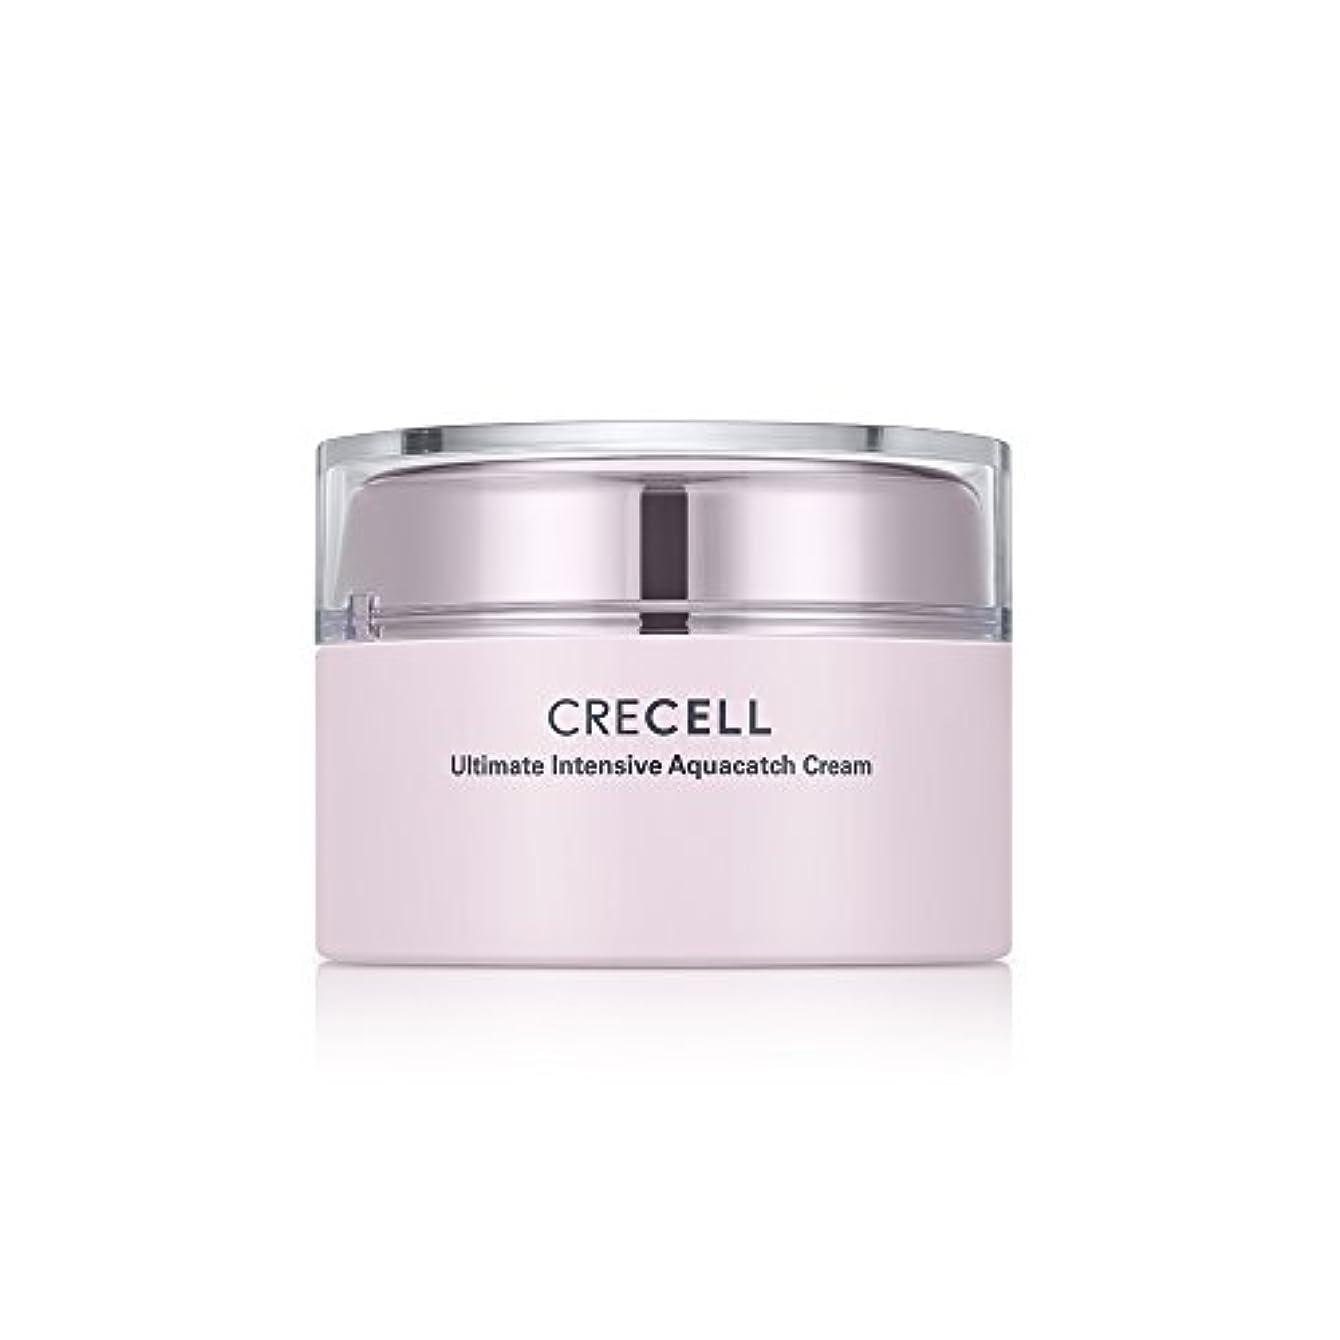 束ねる引退したながらCRECELL Ultimate Intensive Aquacatch Cream【クレセルアルティメットアクアキャッチクリーム】すべての肌タイプ クリーム 皮膚の水分と油分を補い保つ 韓国コスメ 50g